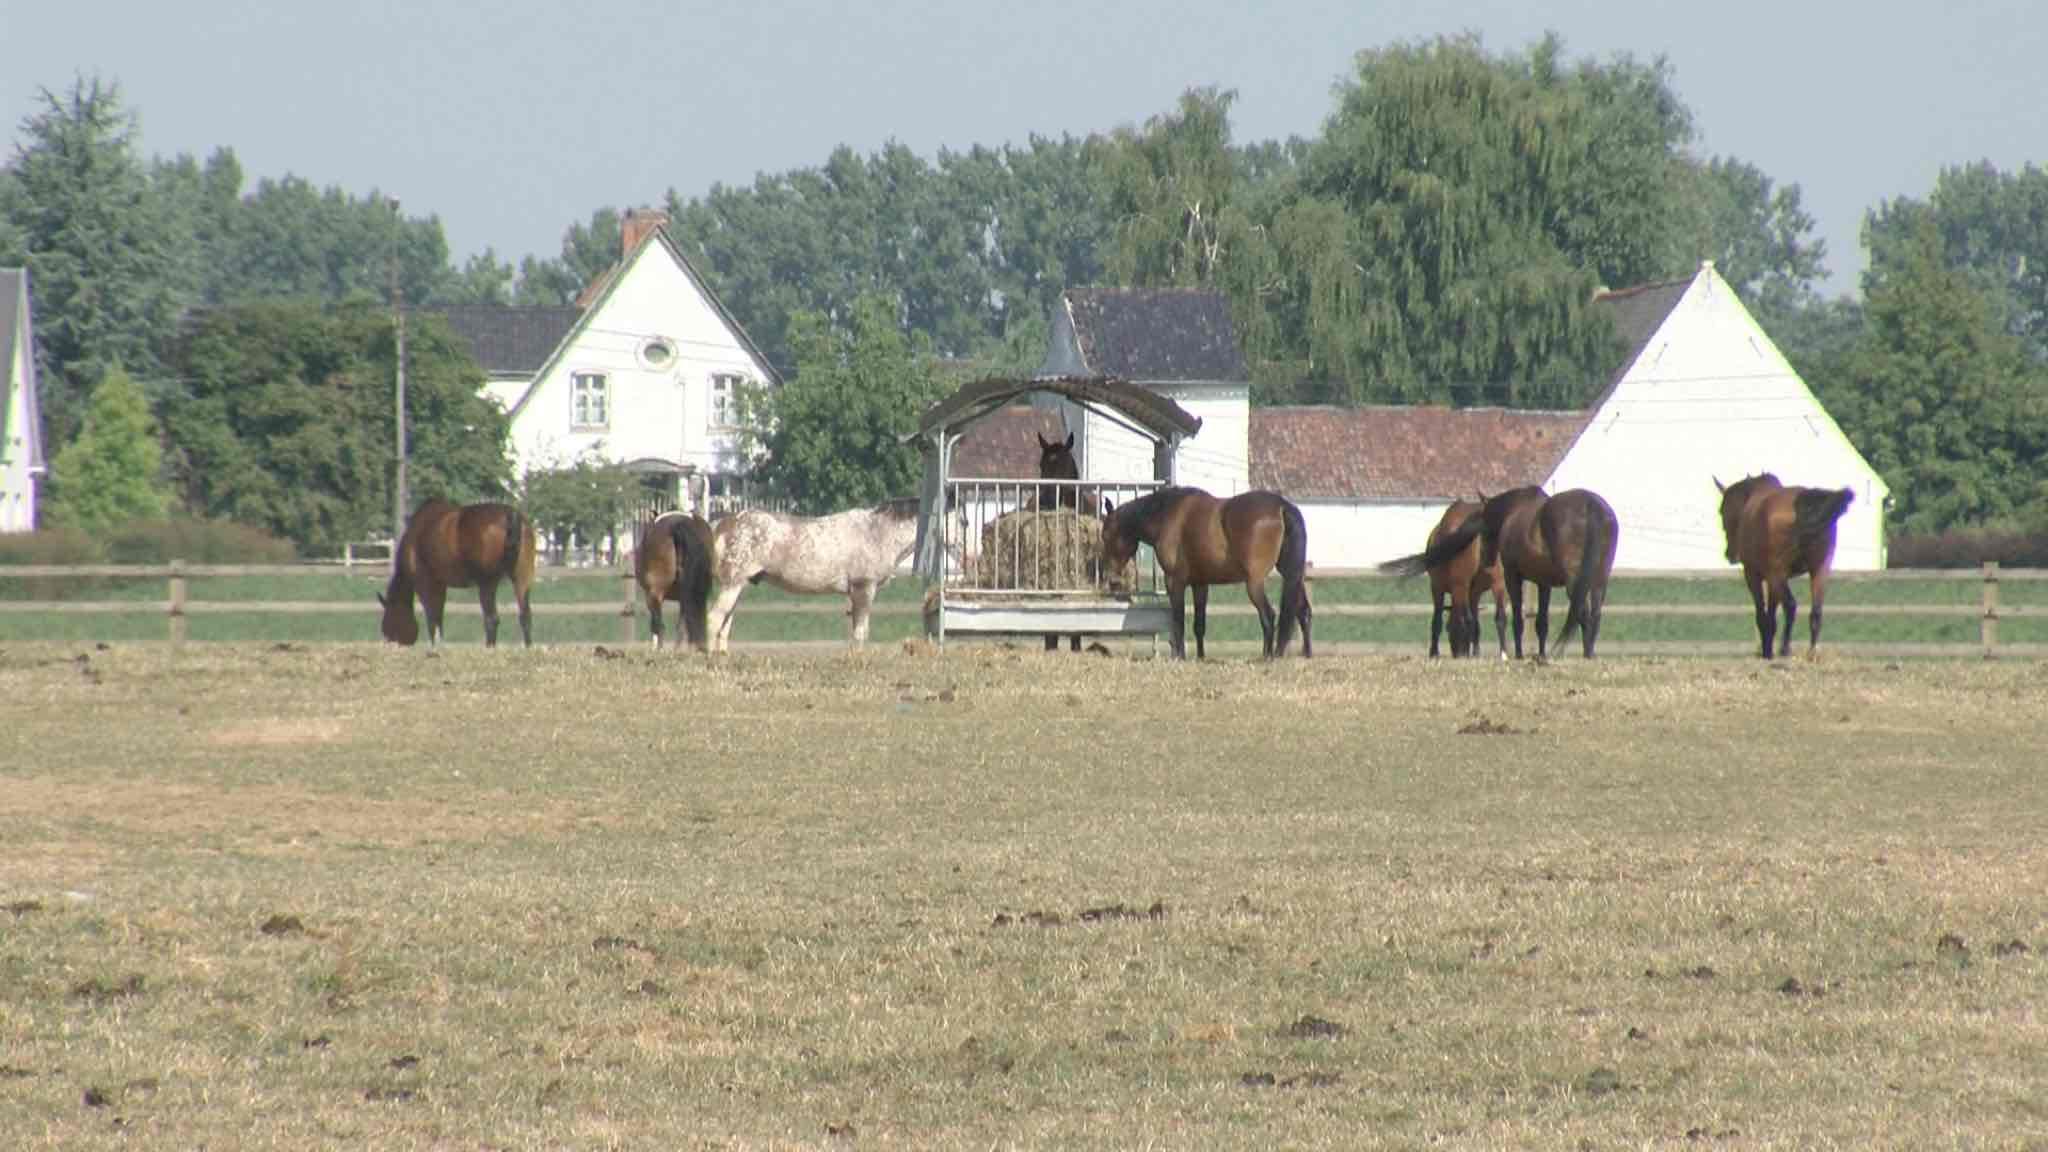 Sécheresse: au Manège du Quenoy, des précautions sont prises pour la santé des chevaux